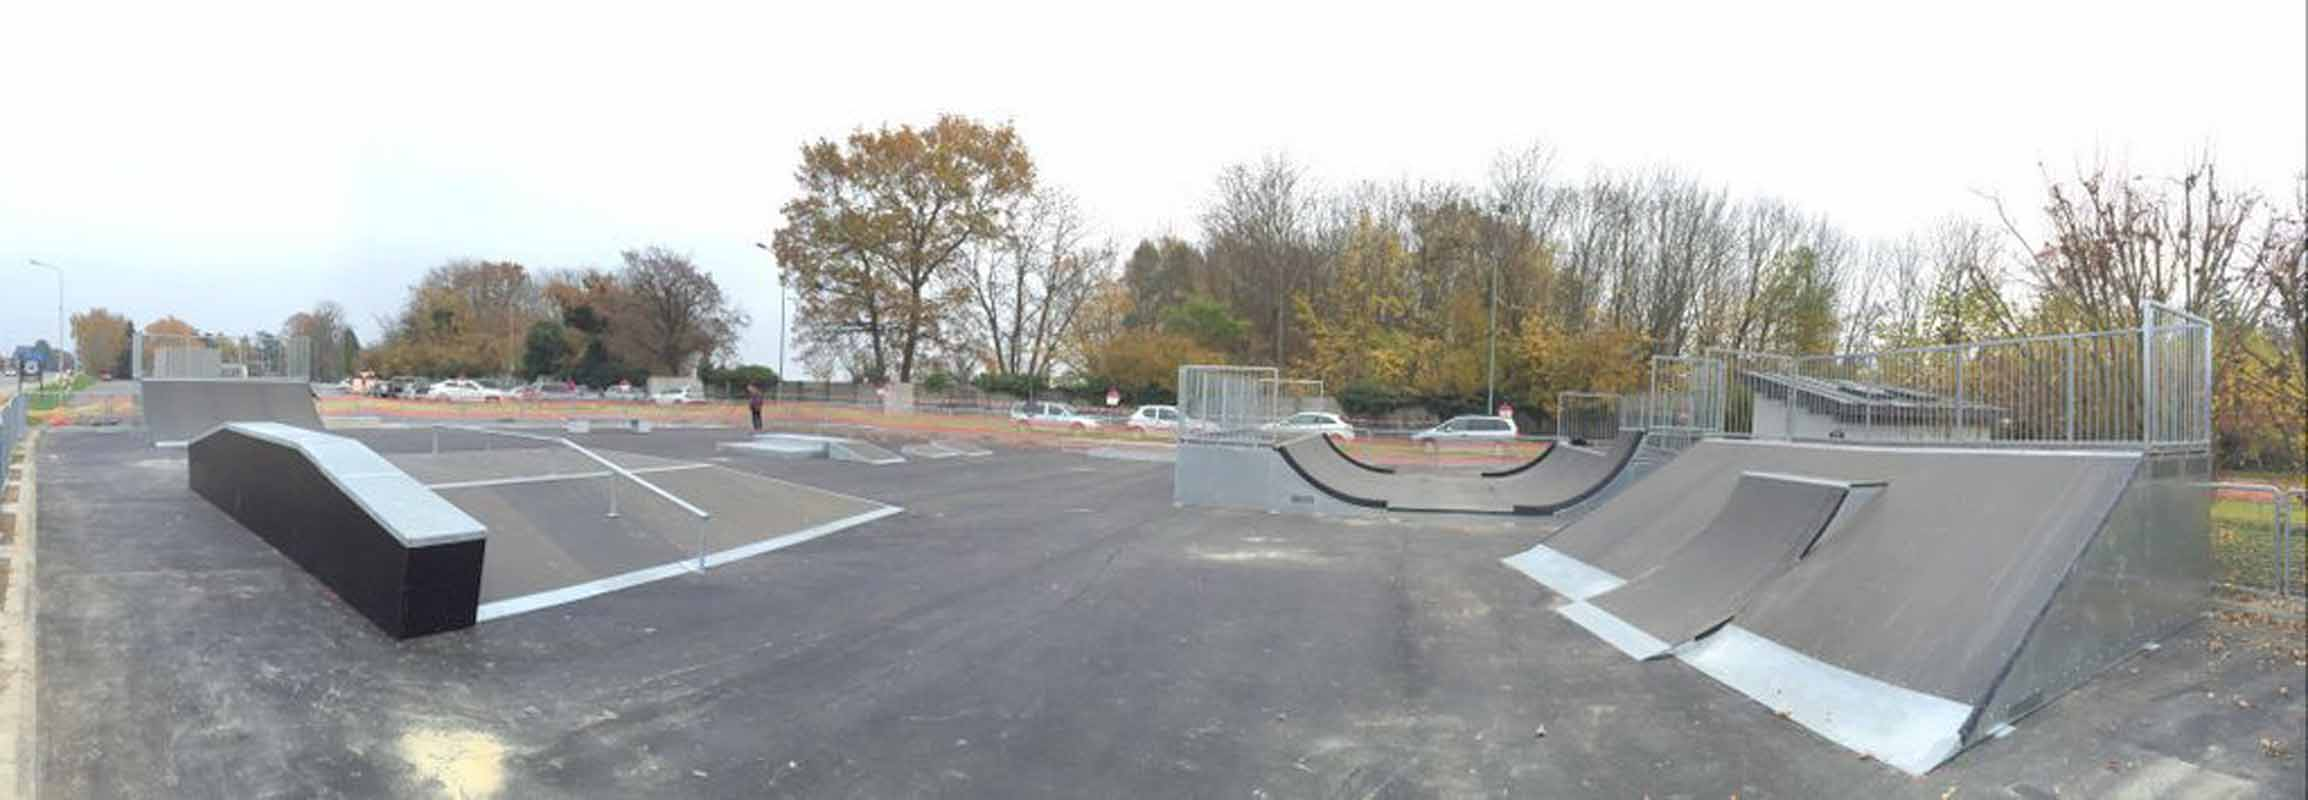 Stage de Skate Nyon